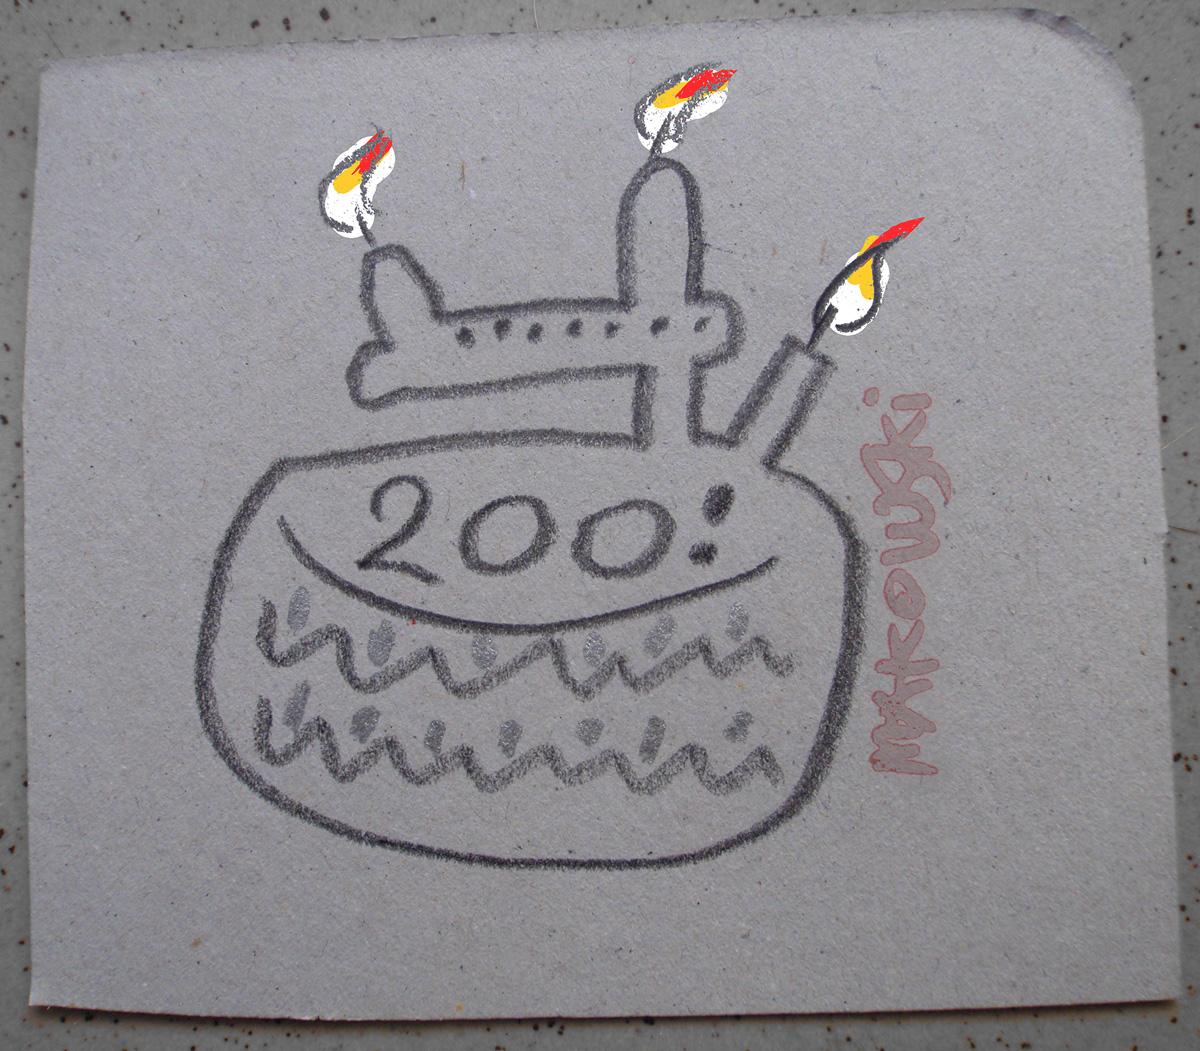 pan-roman-na-urodziny-1200